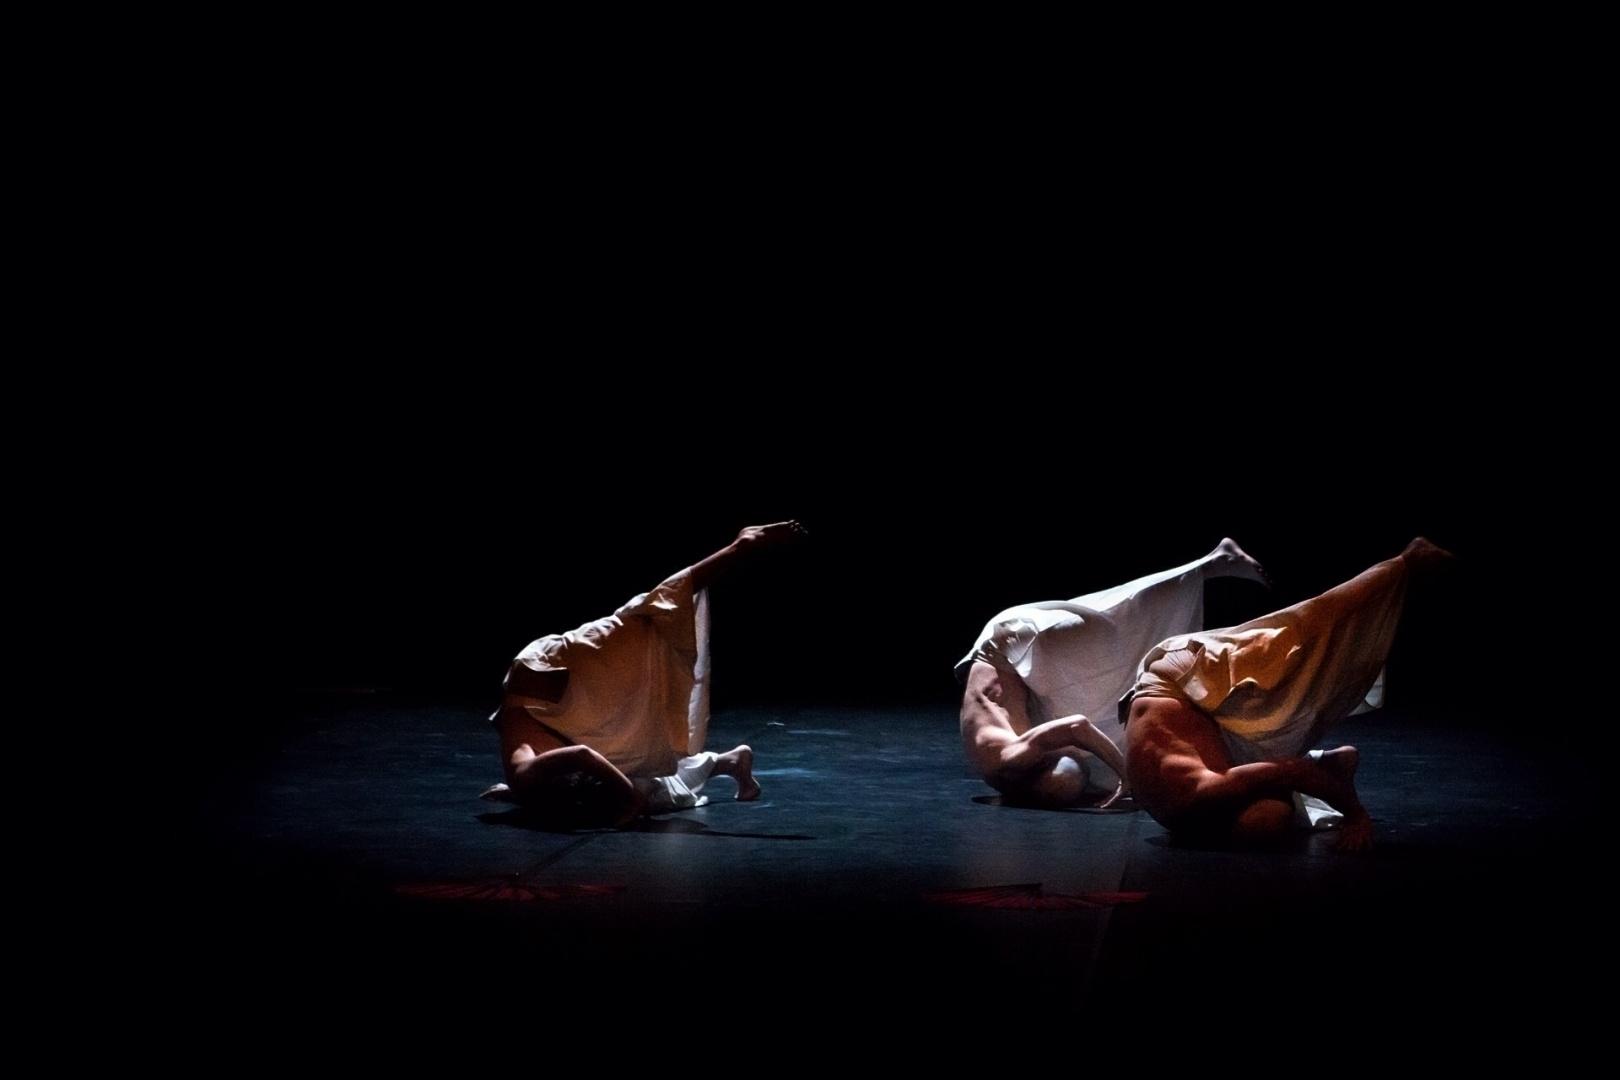 Espetáculos/Deaidance project